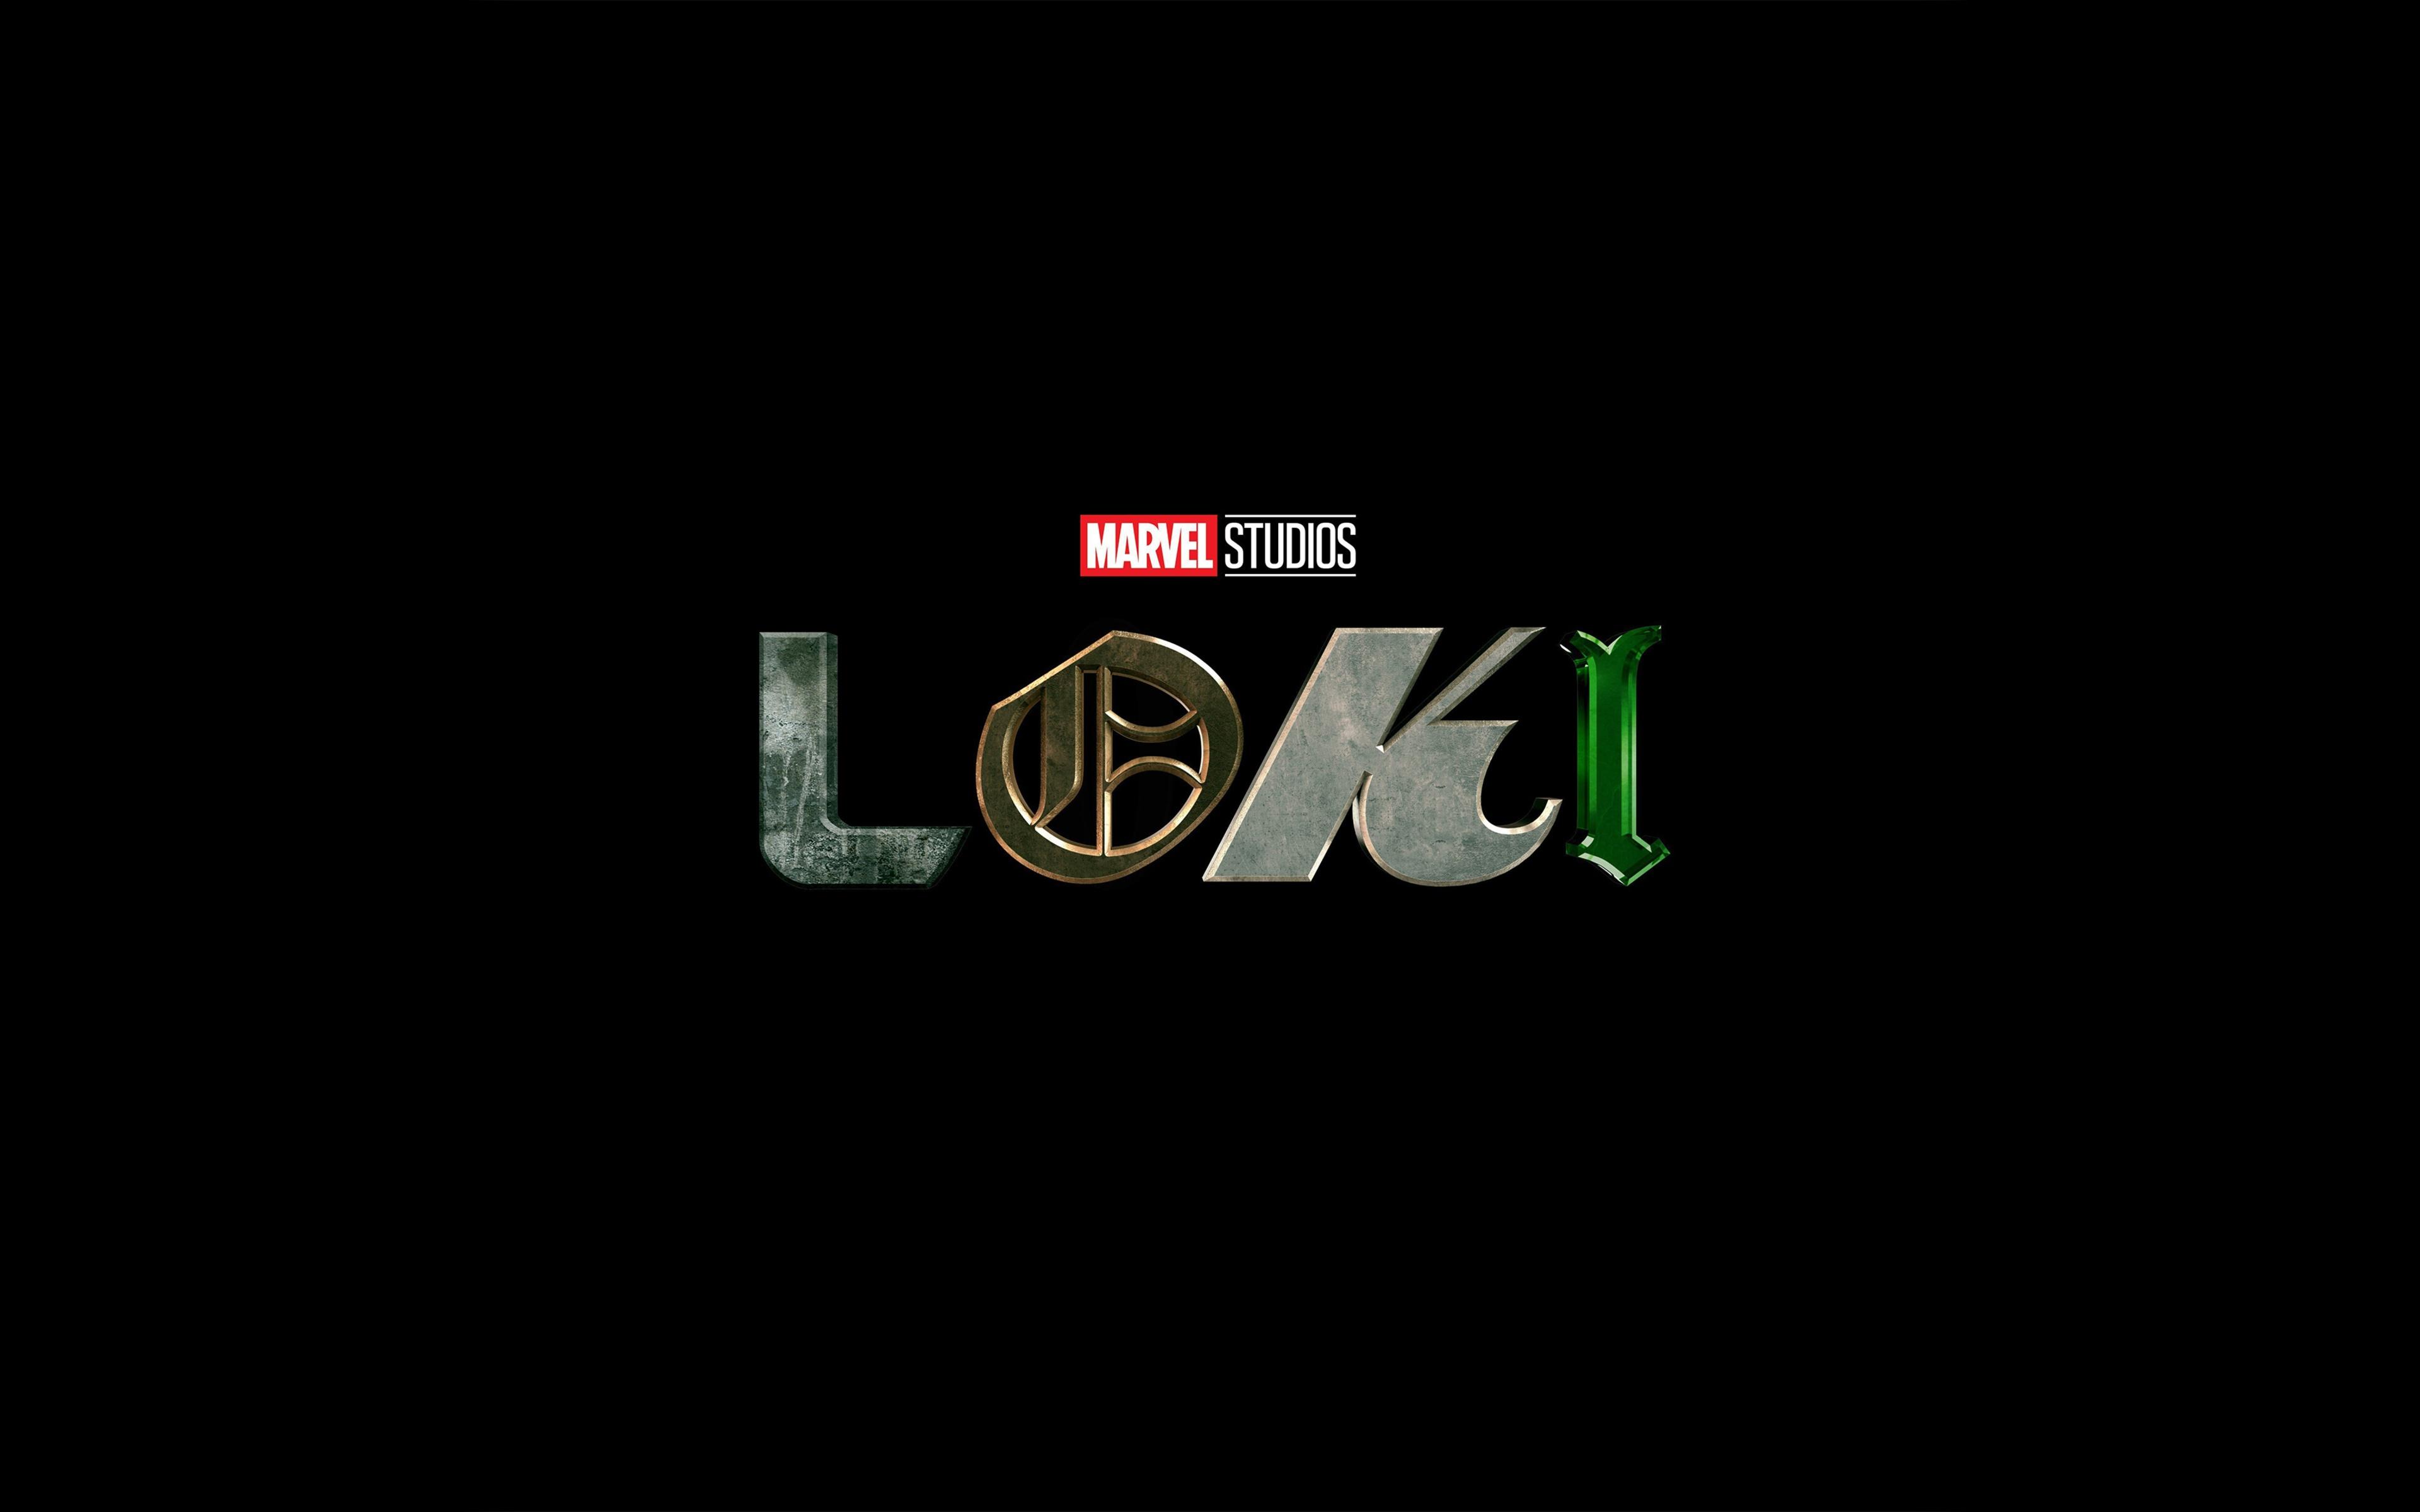 Loki wallpaper hd